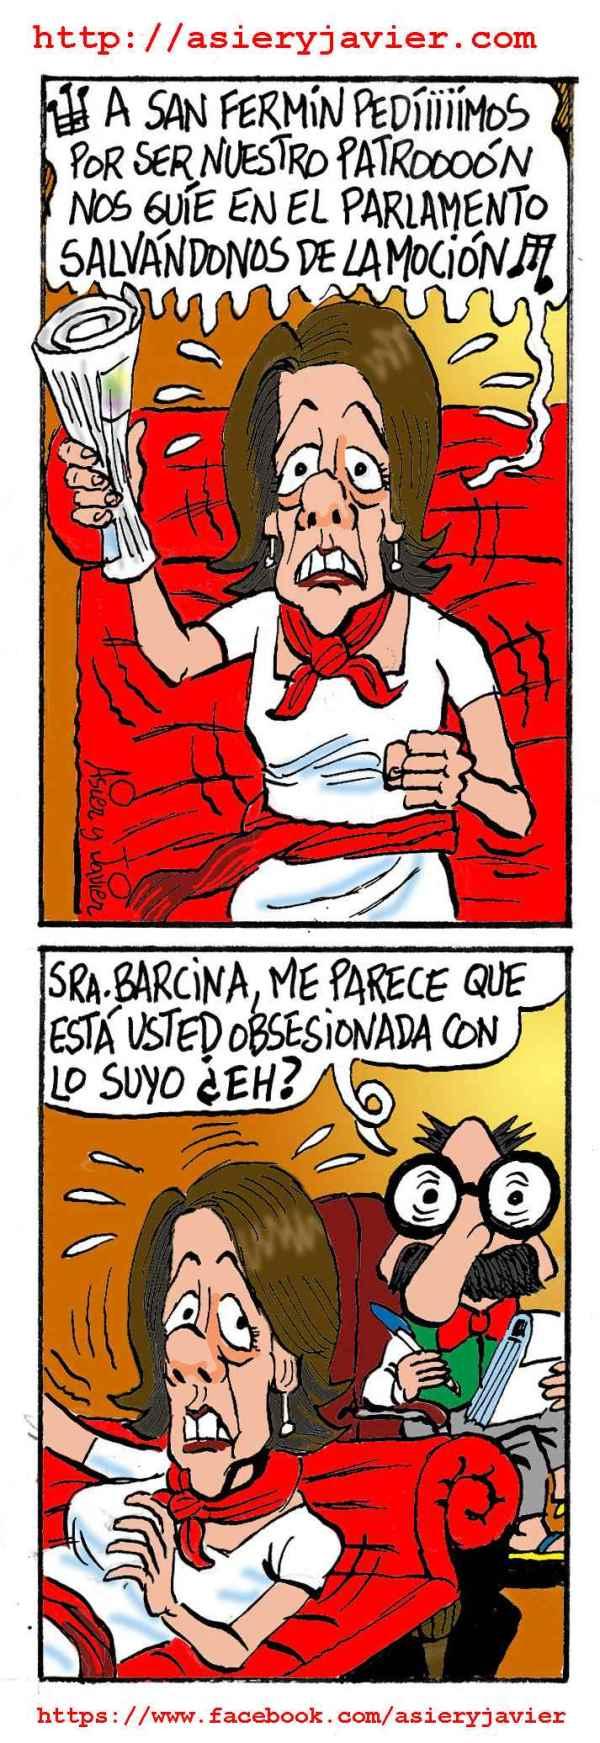 Barcina acude al doctor Txok ante la posibilidad de una moción de censura en Navarra. Viñeta, caricatura.